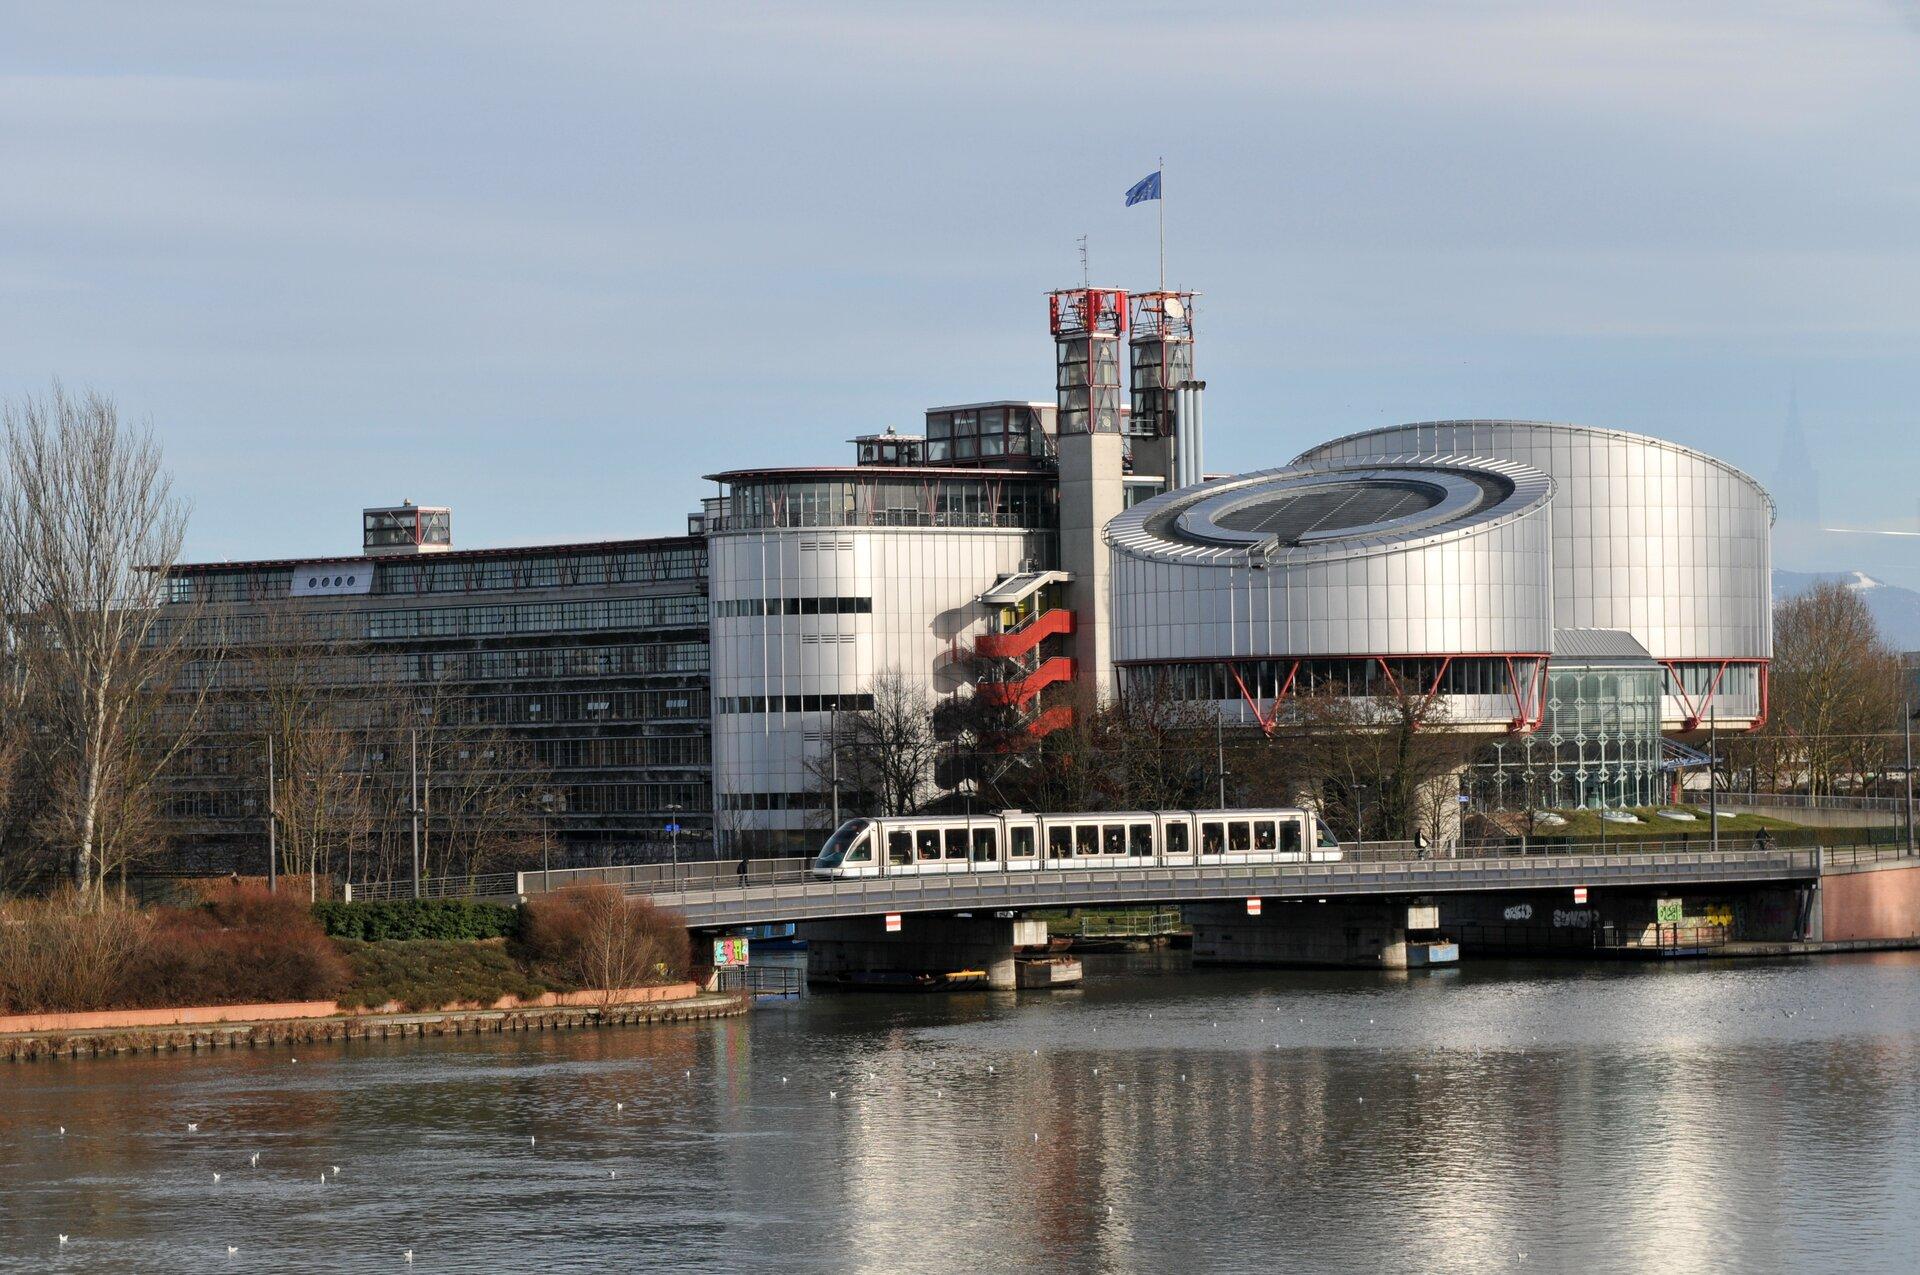 Gmach Europejskiego Trybunału Praw Człowieka wStrasburgu Źródło: Ralf Roletschek, Gmach Europejskiego Trybunału Praw Człowieka wStrasburgu, licencja: CC BY 3.0.